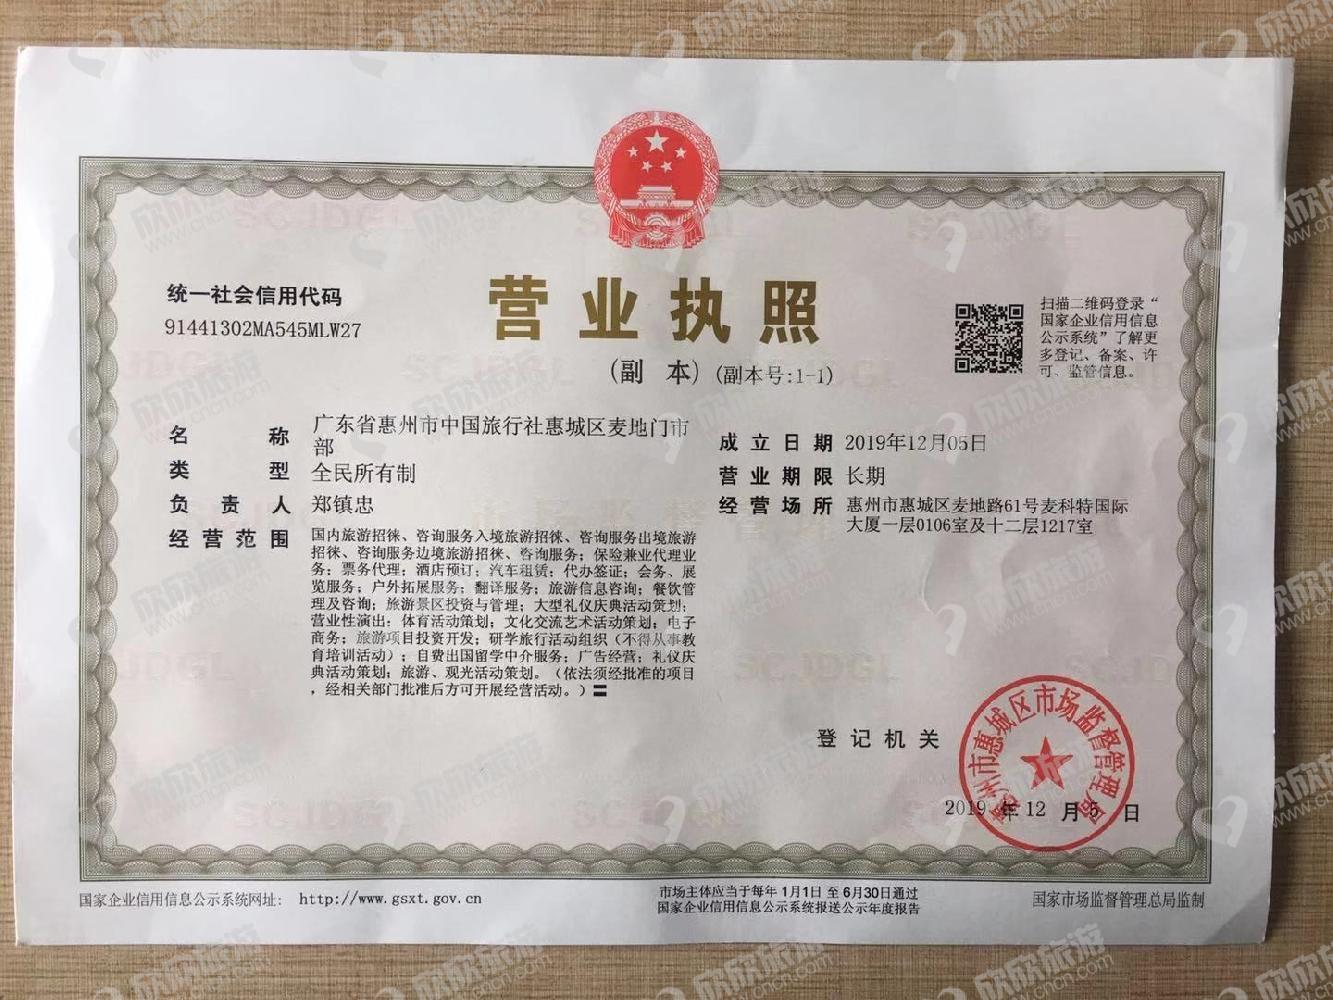 惠州西湖中国旅行社麦地门市部营业执照